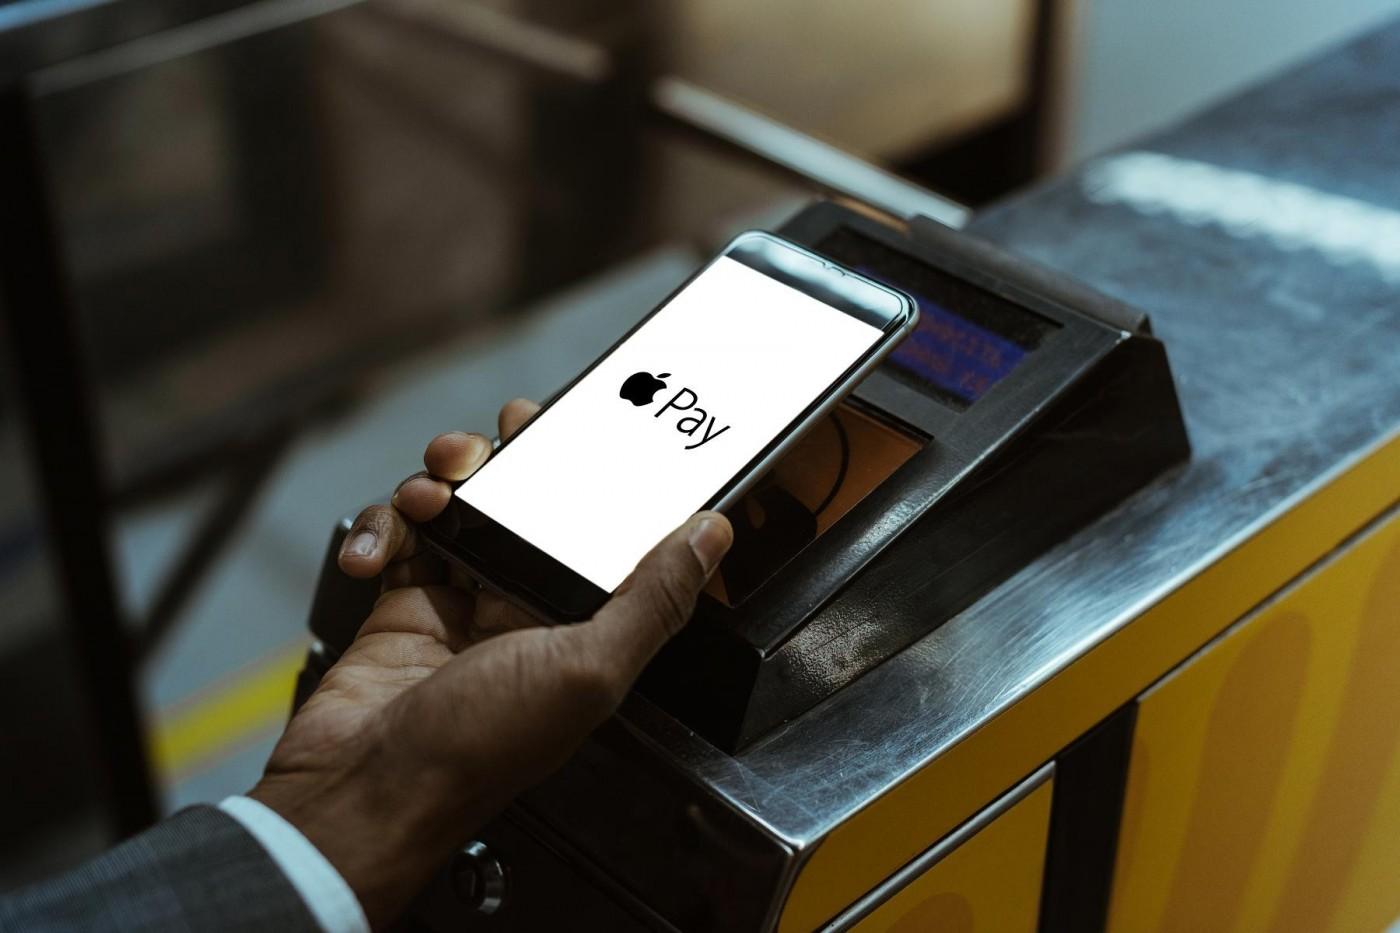 iPhone刷悠遊卡近了?傳蘋果iOS 13將開放NFC功能